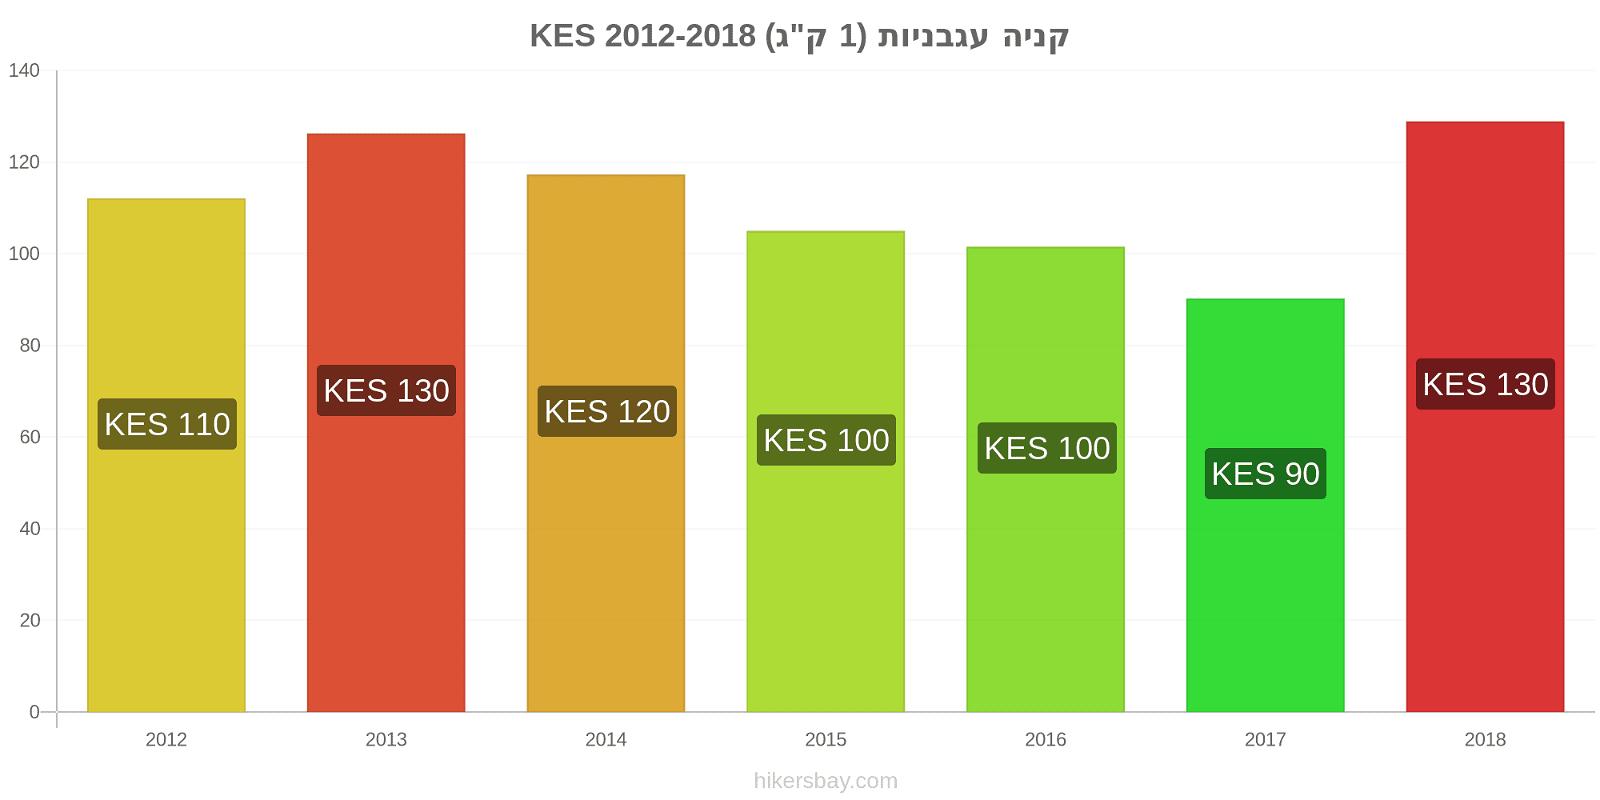 """קניה שינויי מחירים עגבניות (1 ק""""ג) hikersbay.com"""